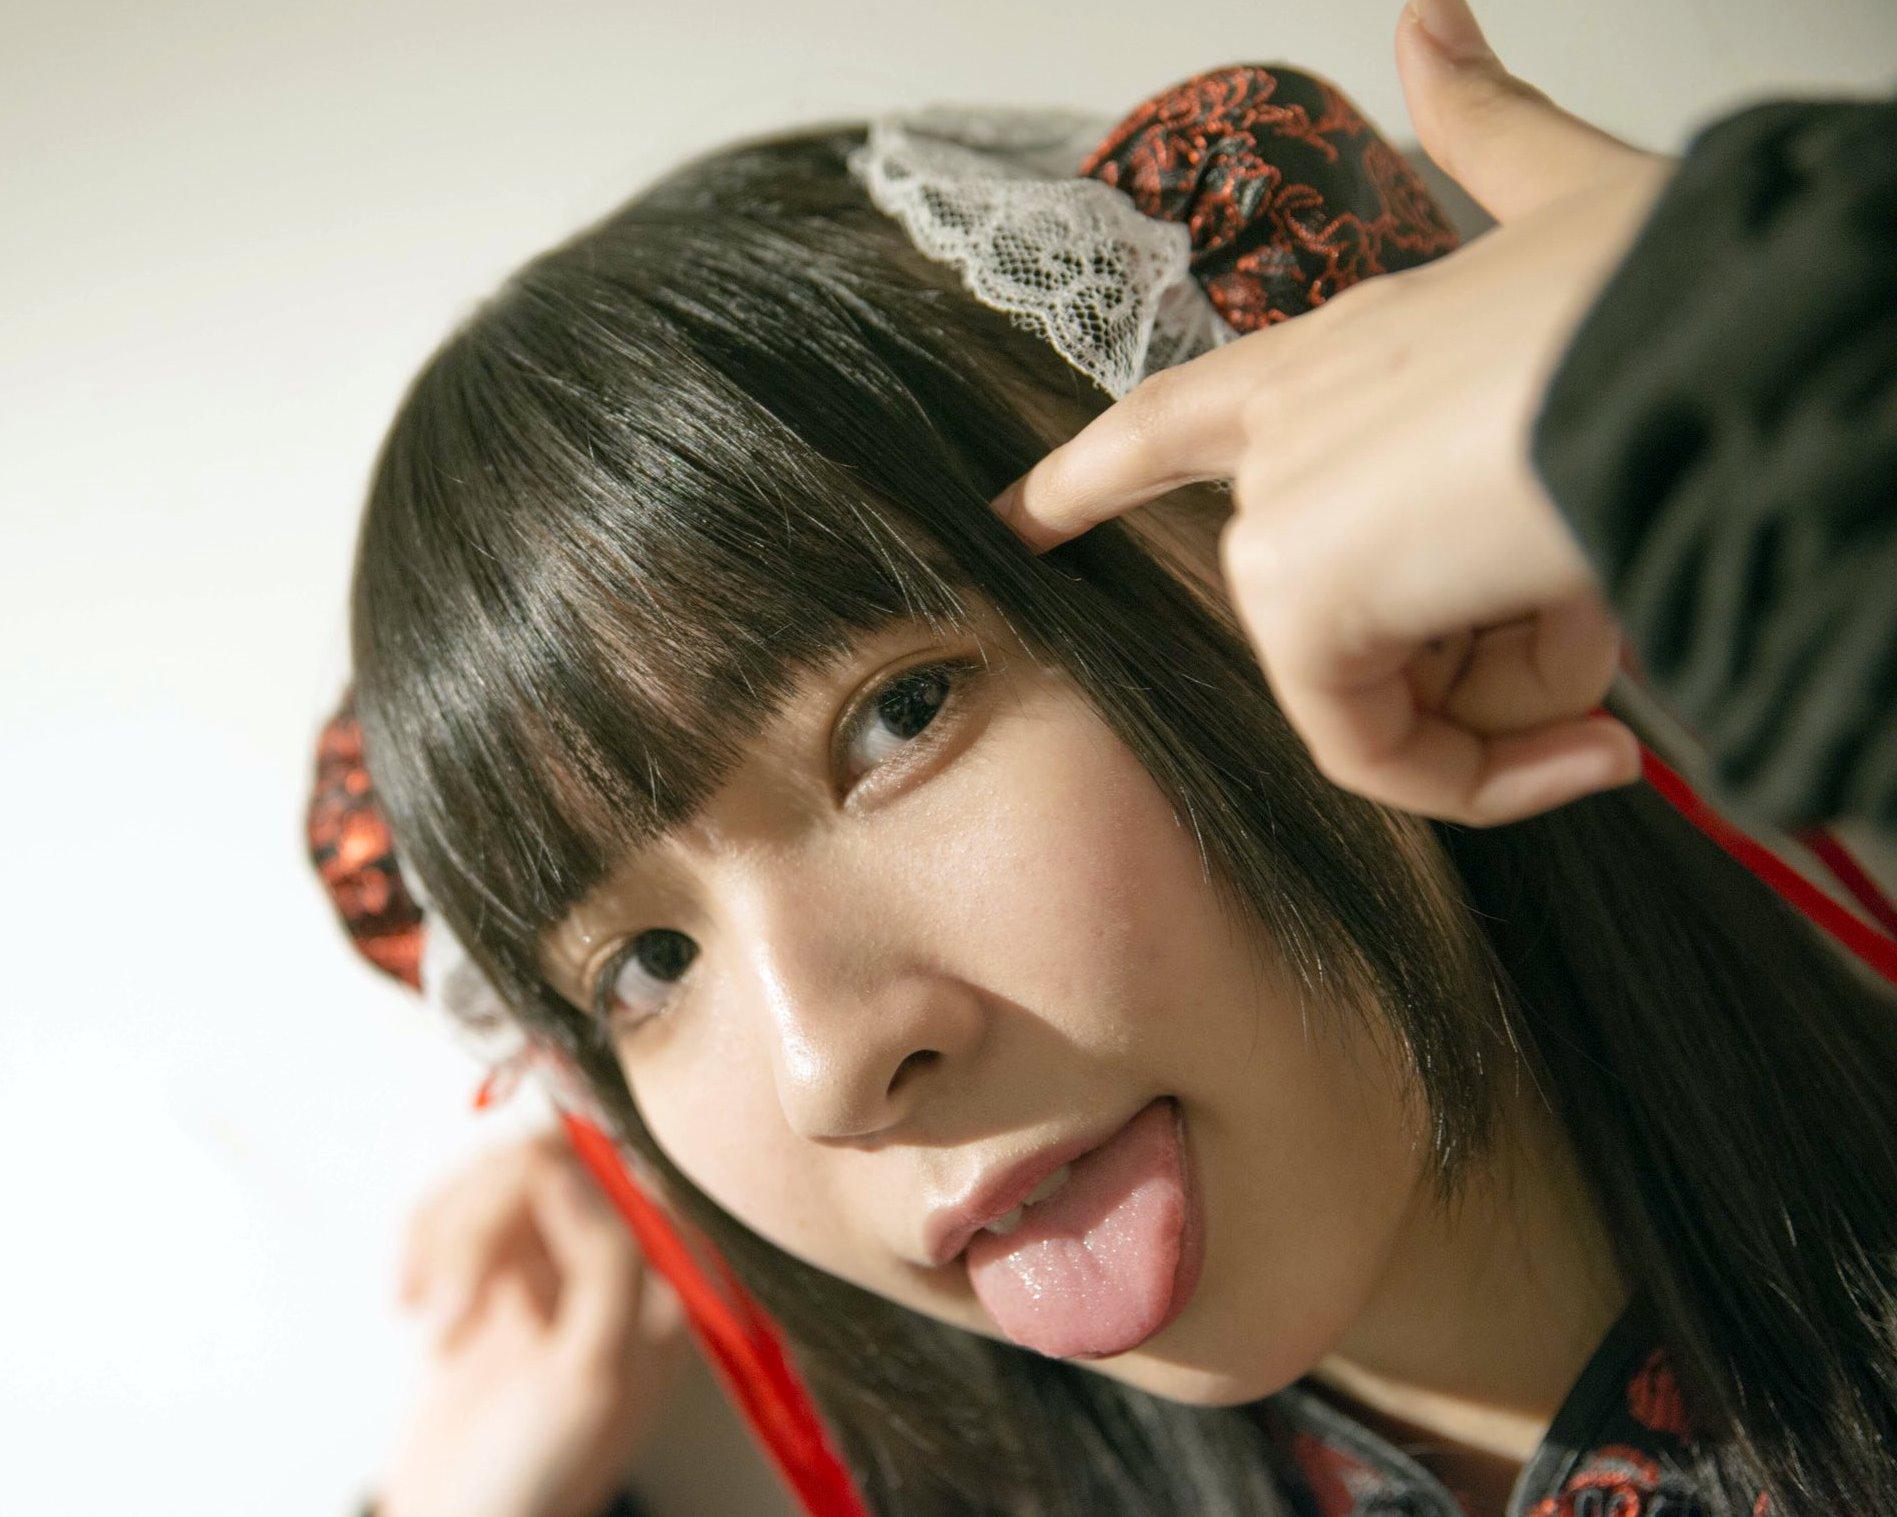 駄好乙のデカトロ舌まとめ (20)